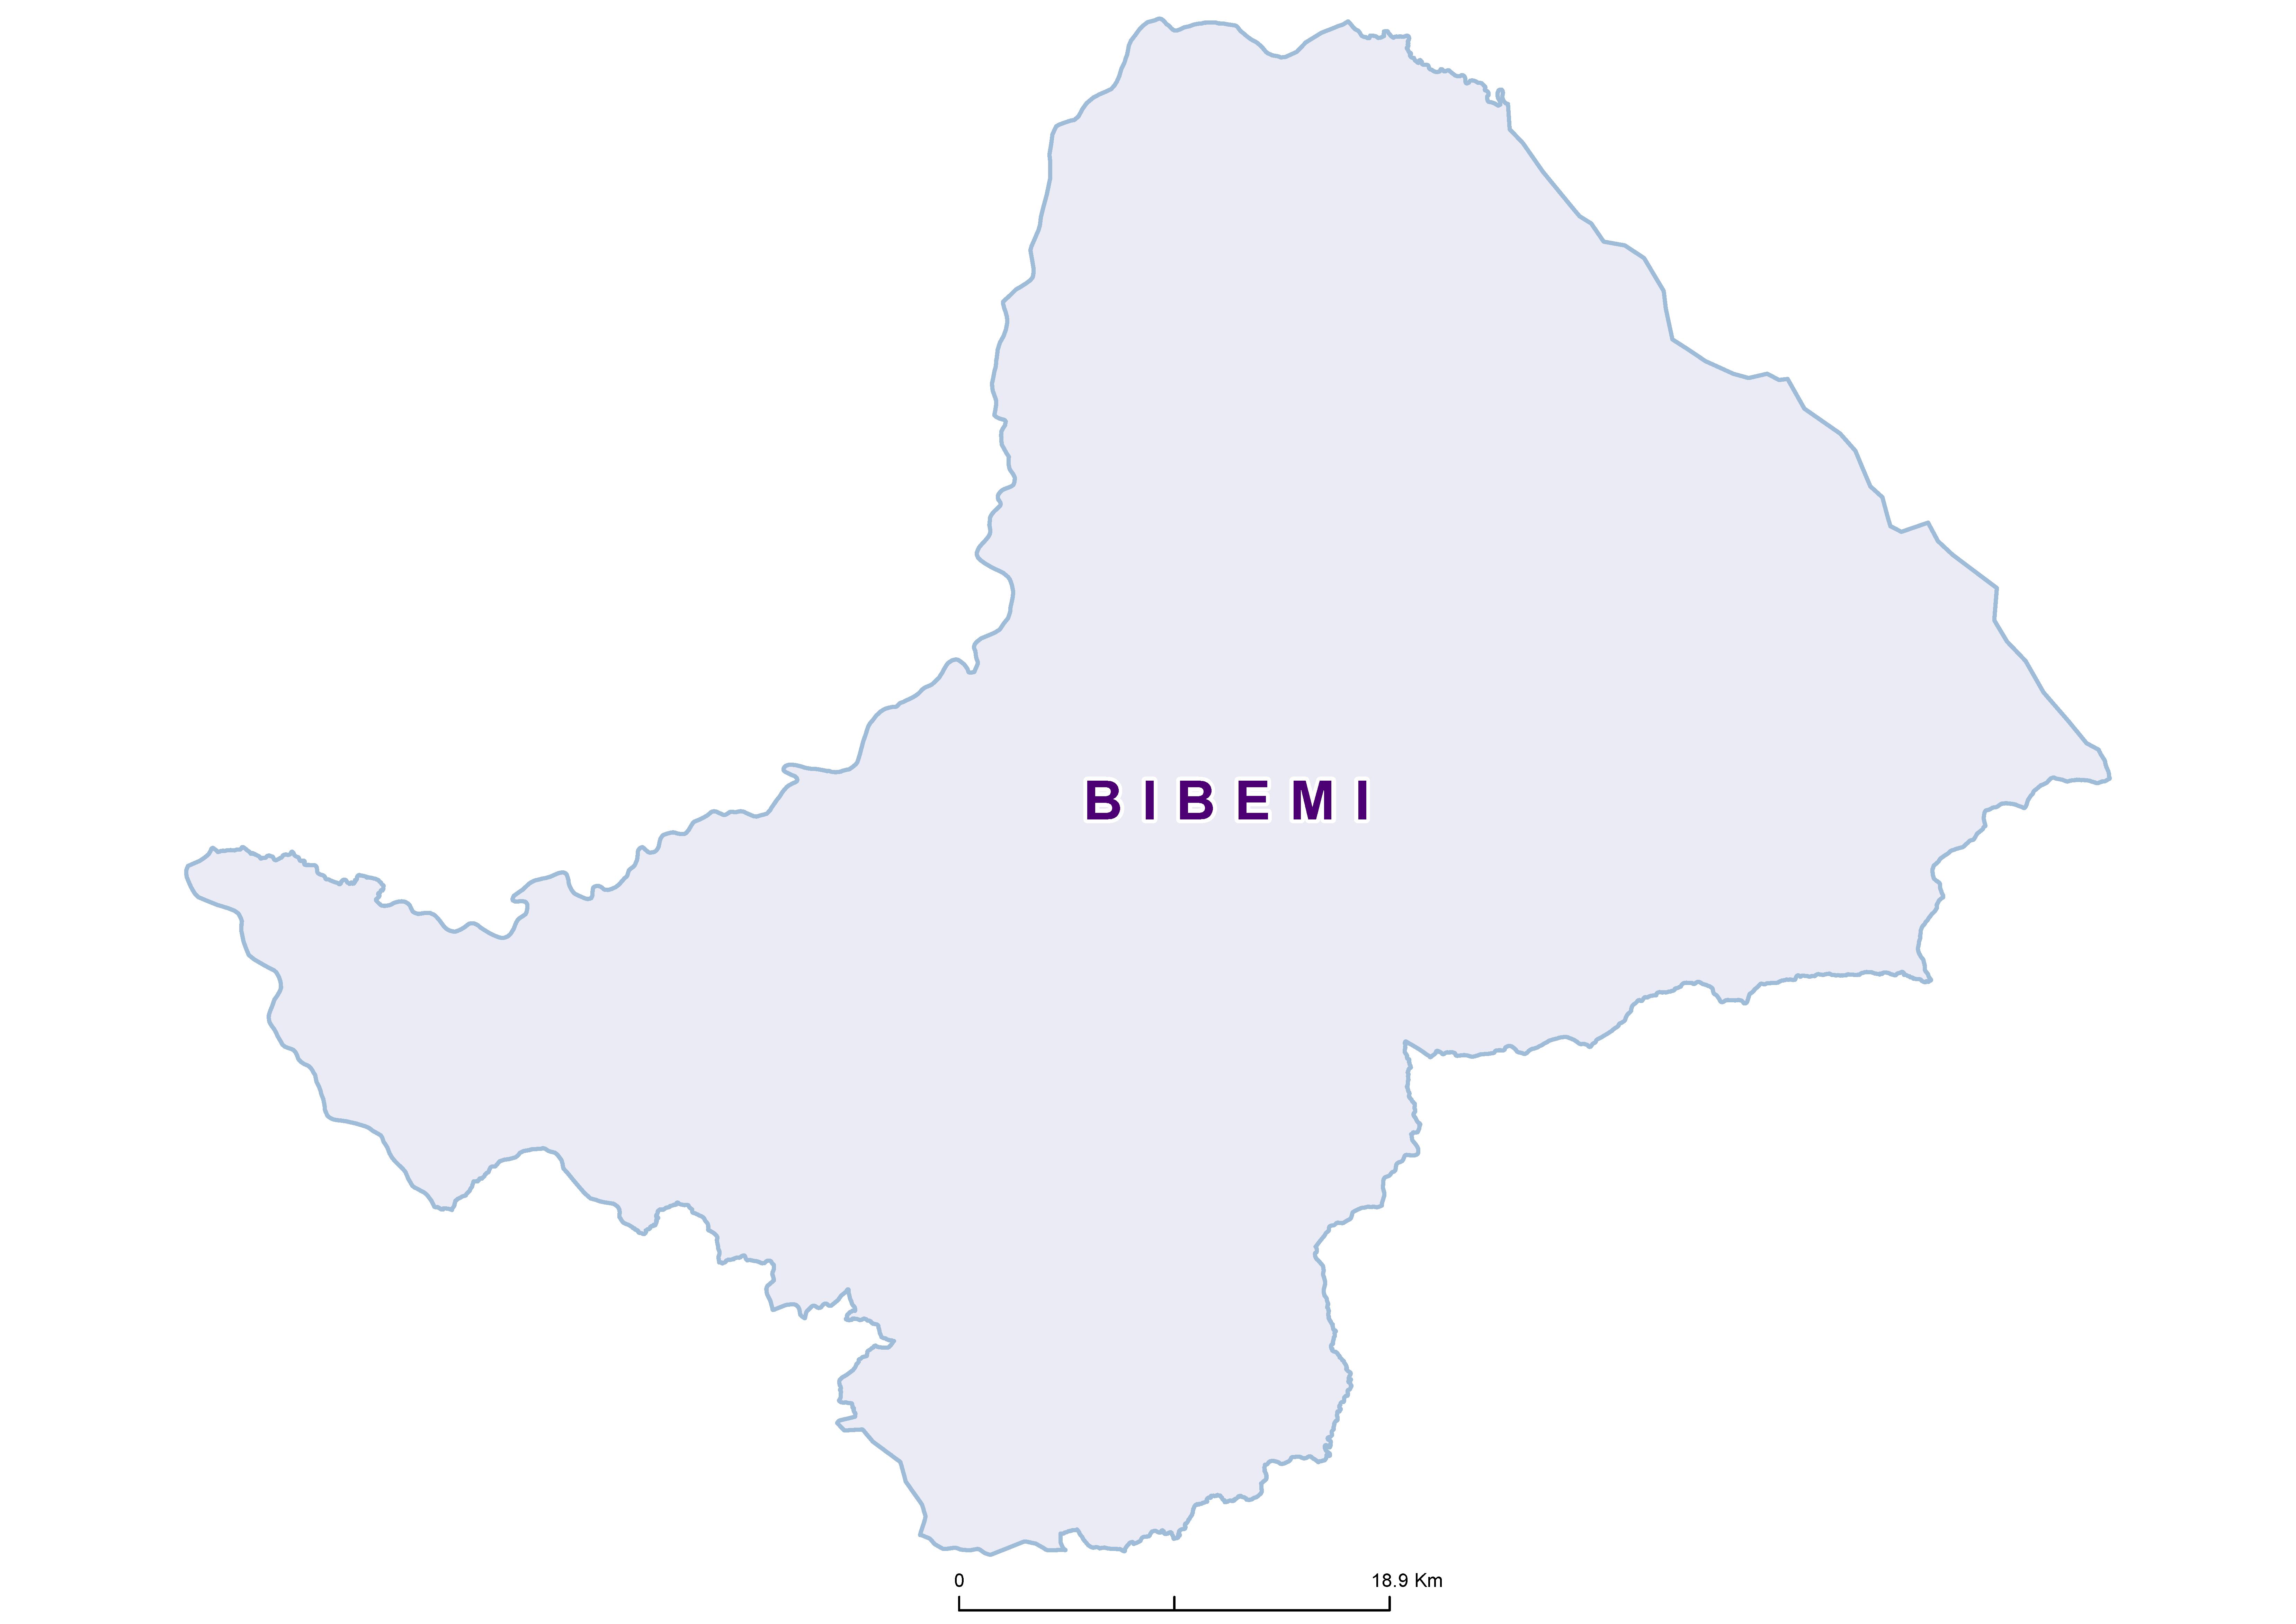 Bibemi Mean SCH 20180001